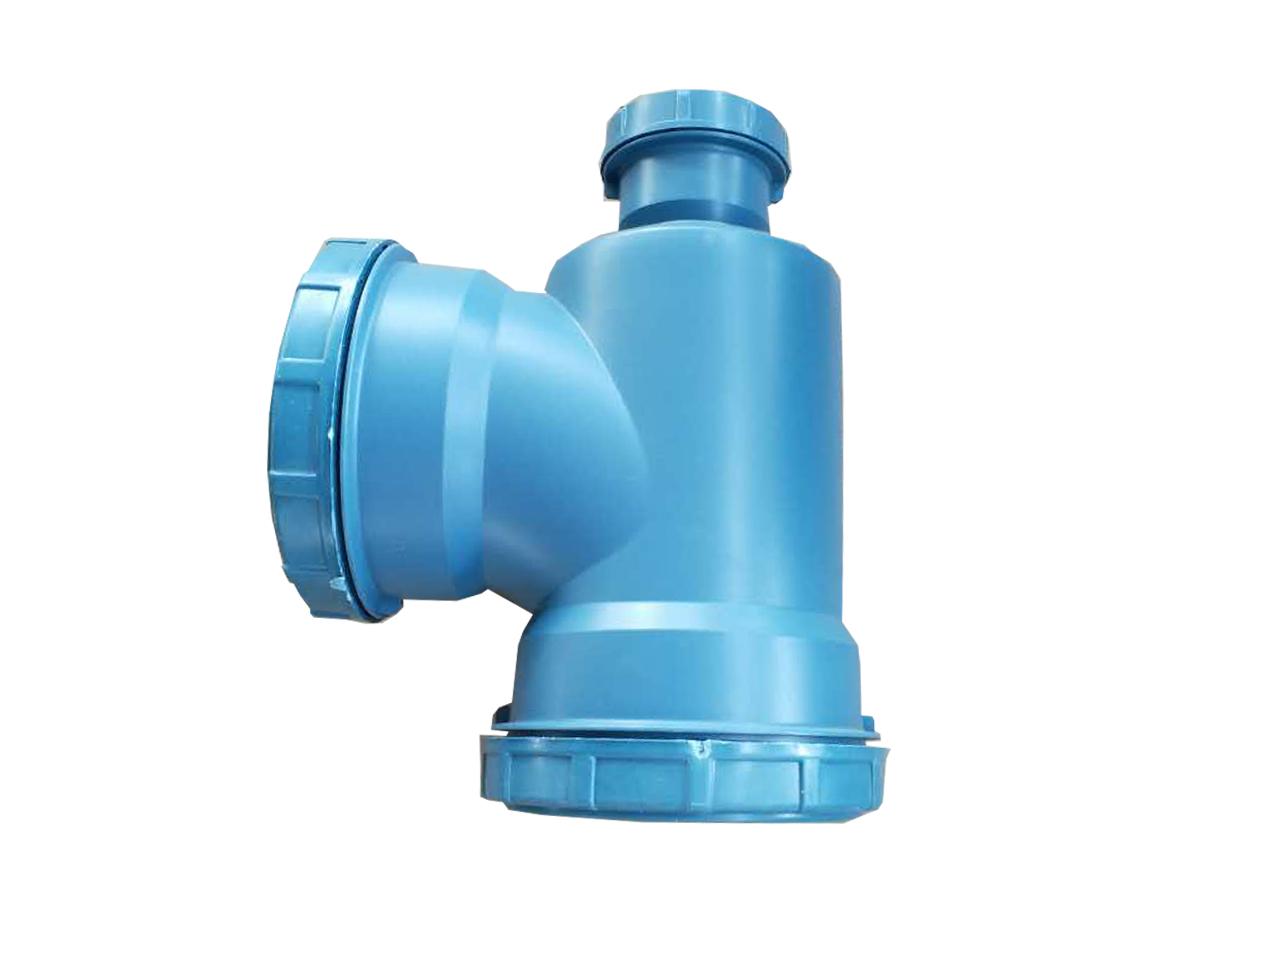 福建静音排水管生产厂家_抢手的静音排水管厂家在哪里